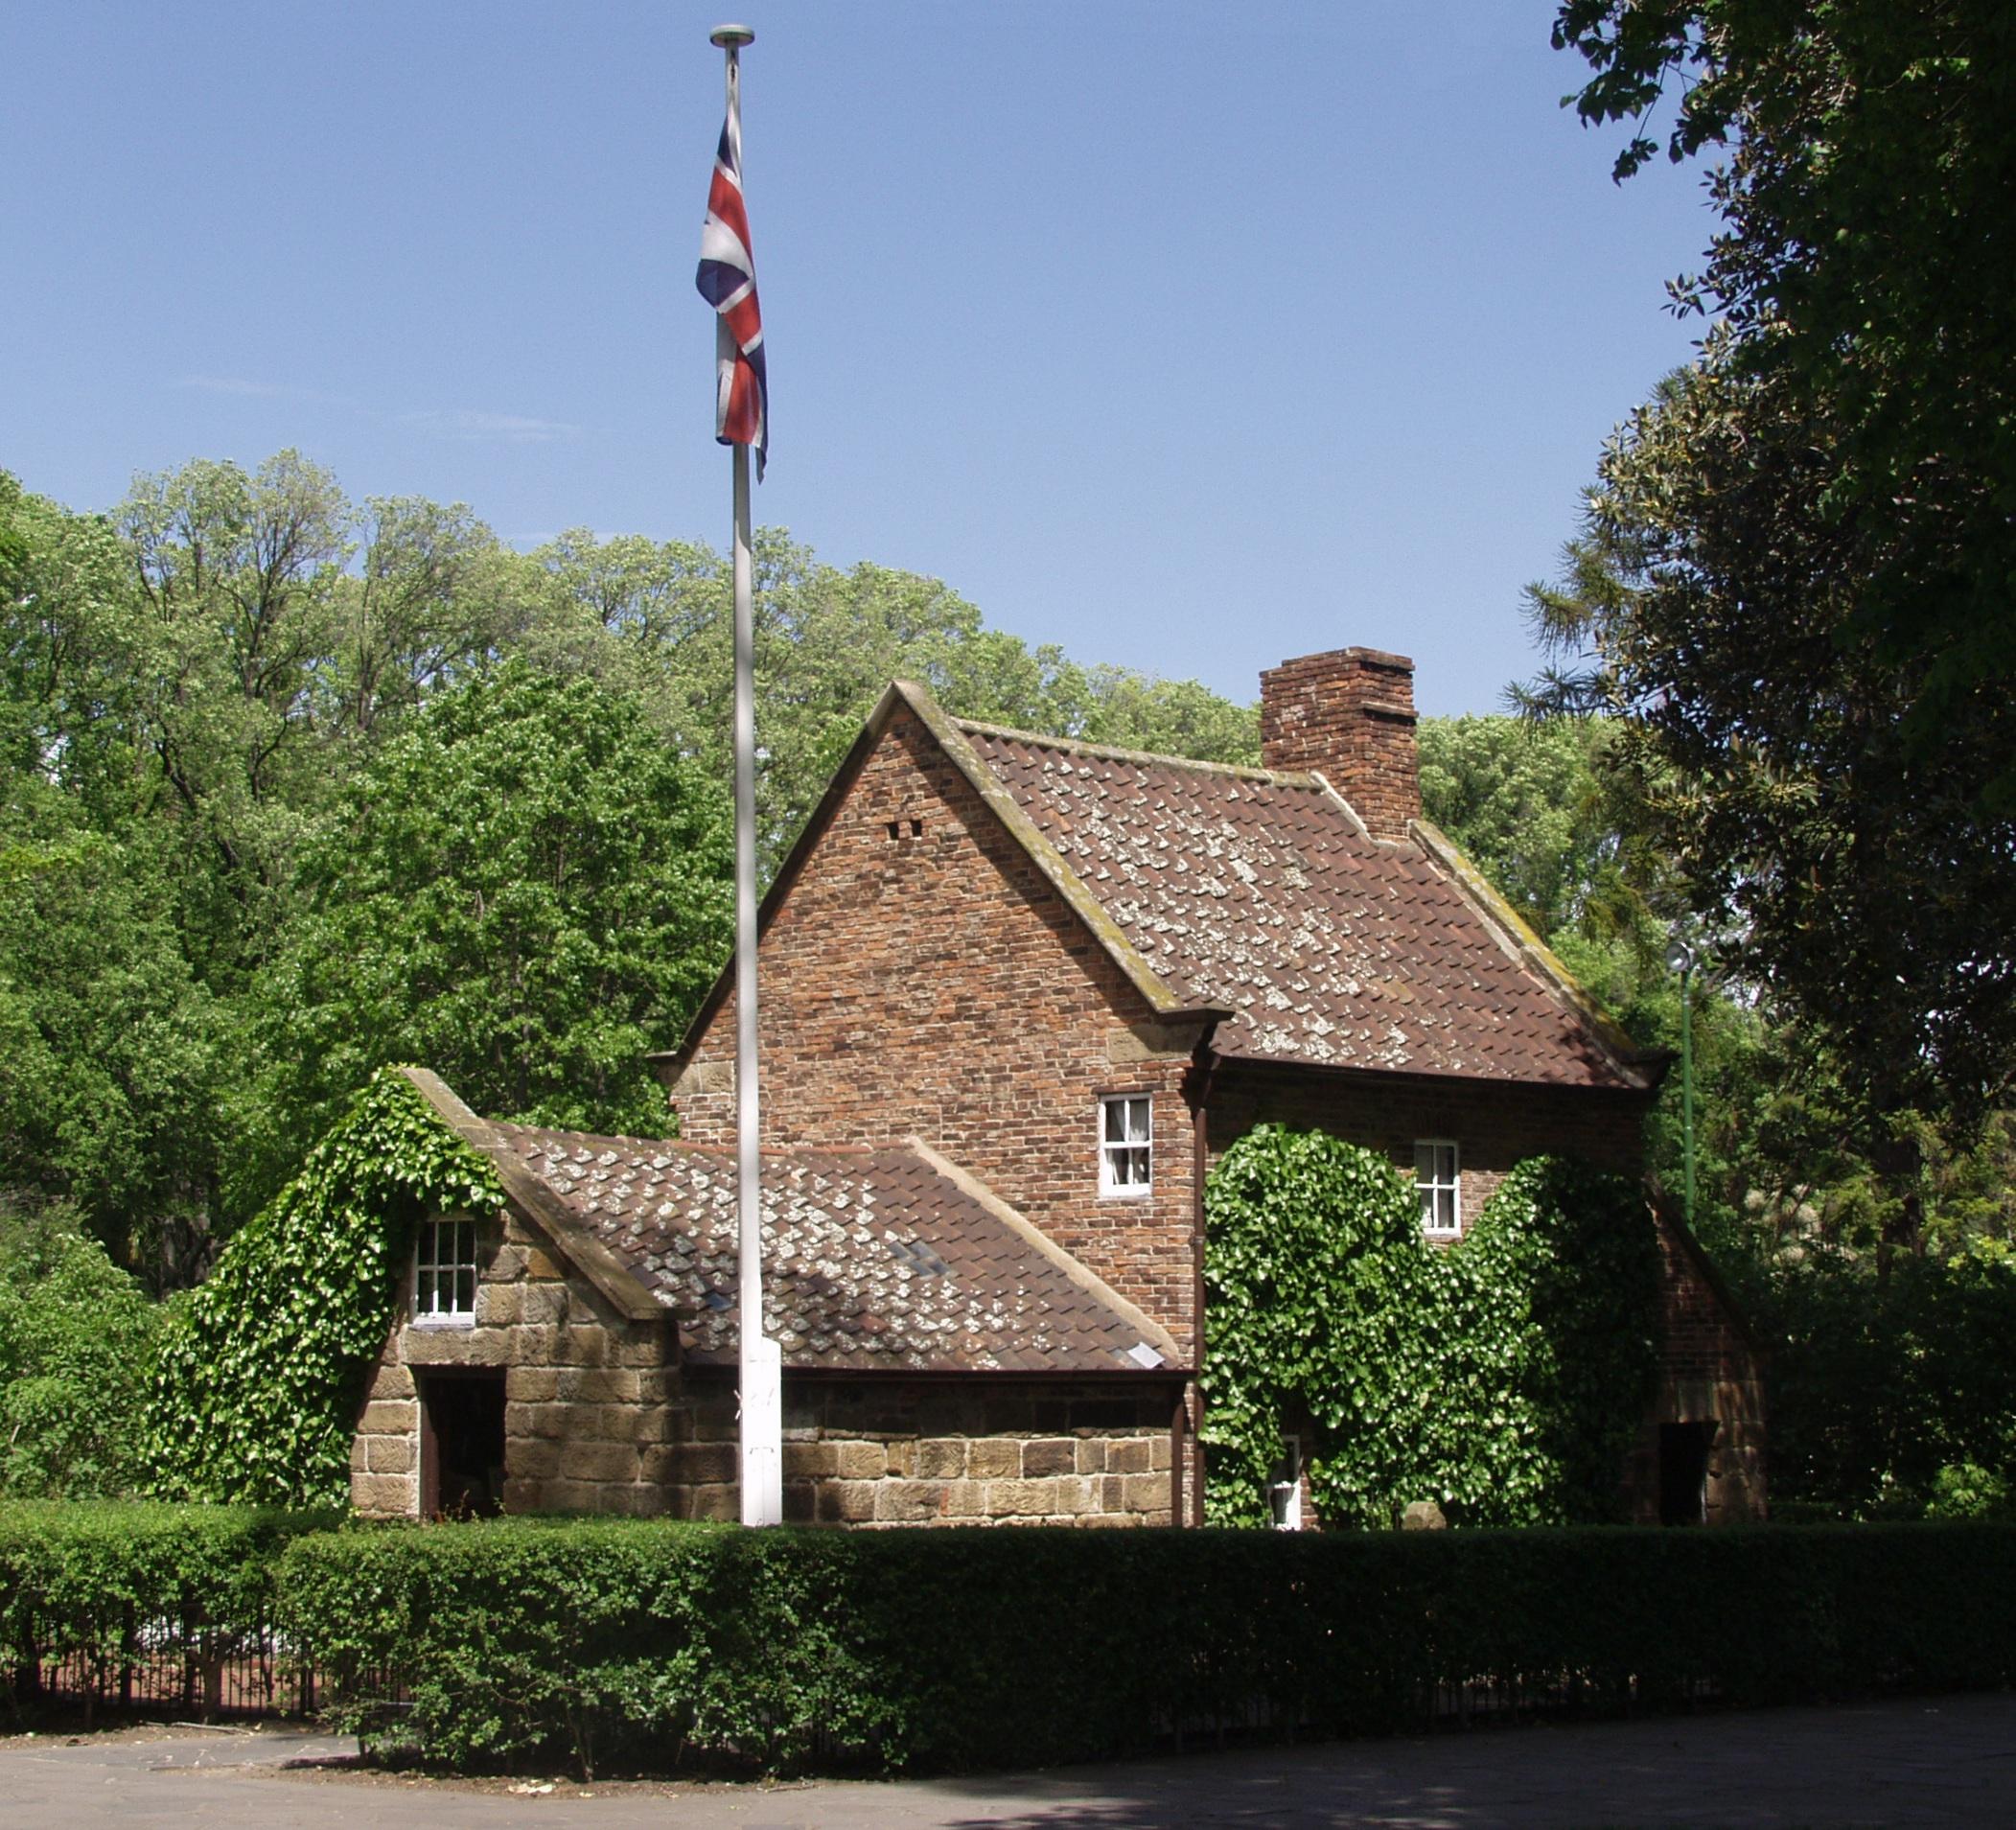 7D6N December Series - Capt Cook cottage